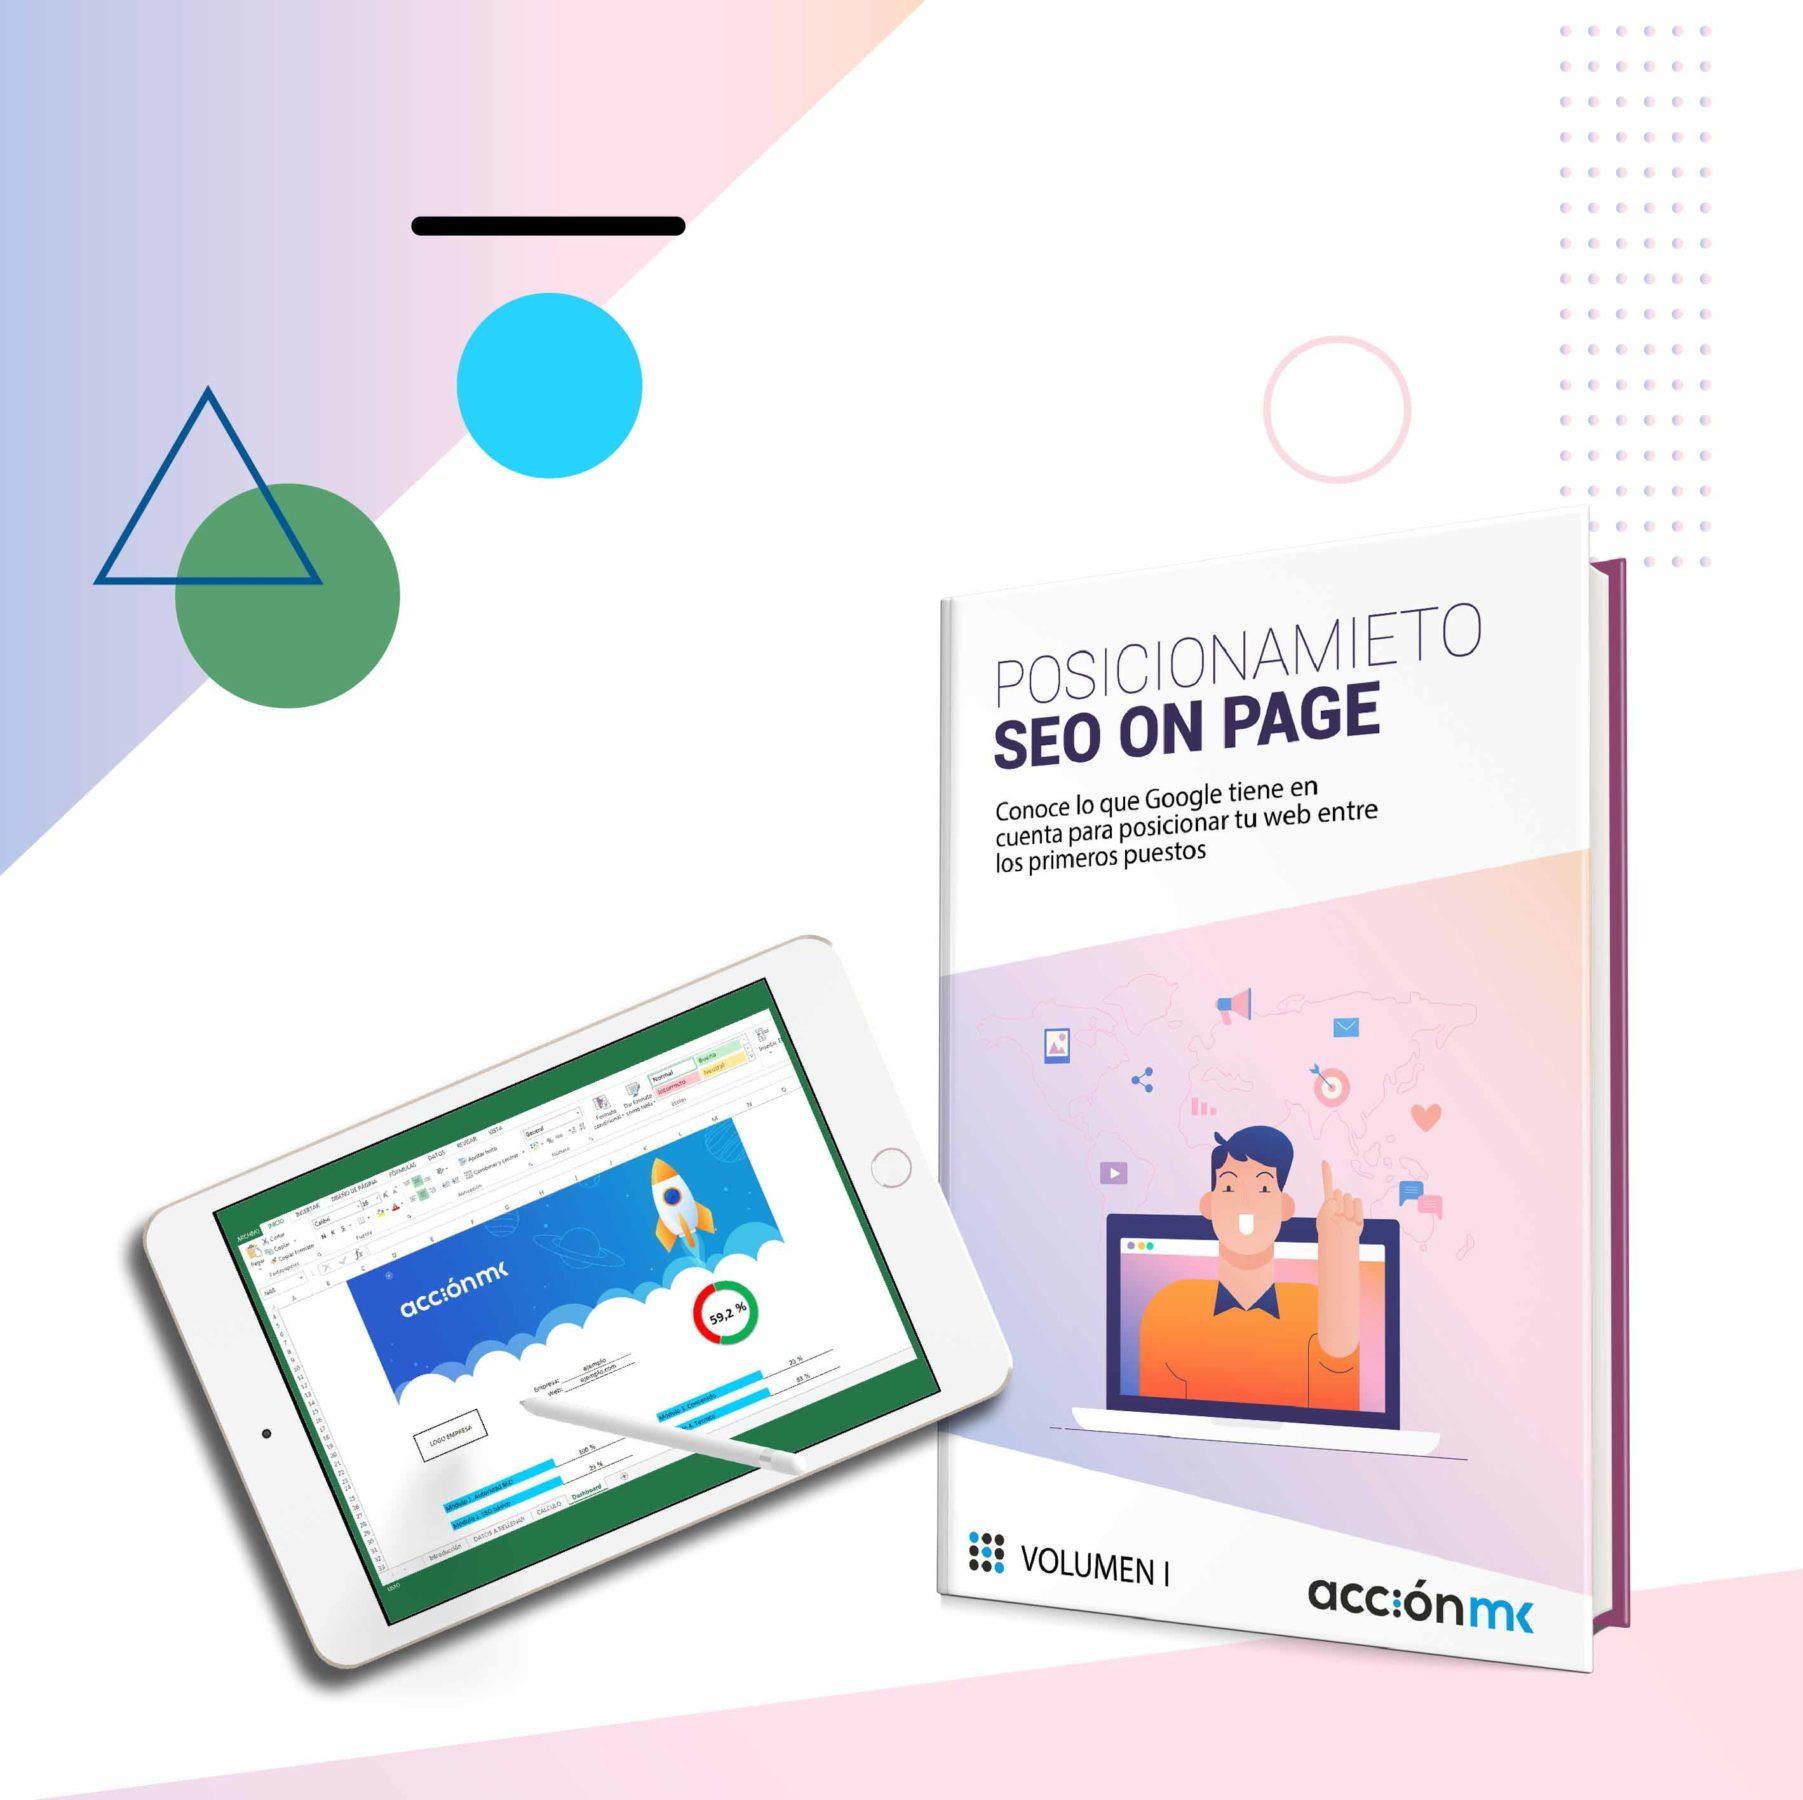 Portada del ebook de AcciónMK en el que se explica el posicionamiento SEO y una tablet con una plantilla de Excel de auditoría de SEO